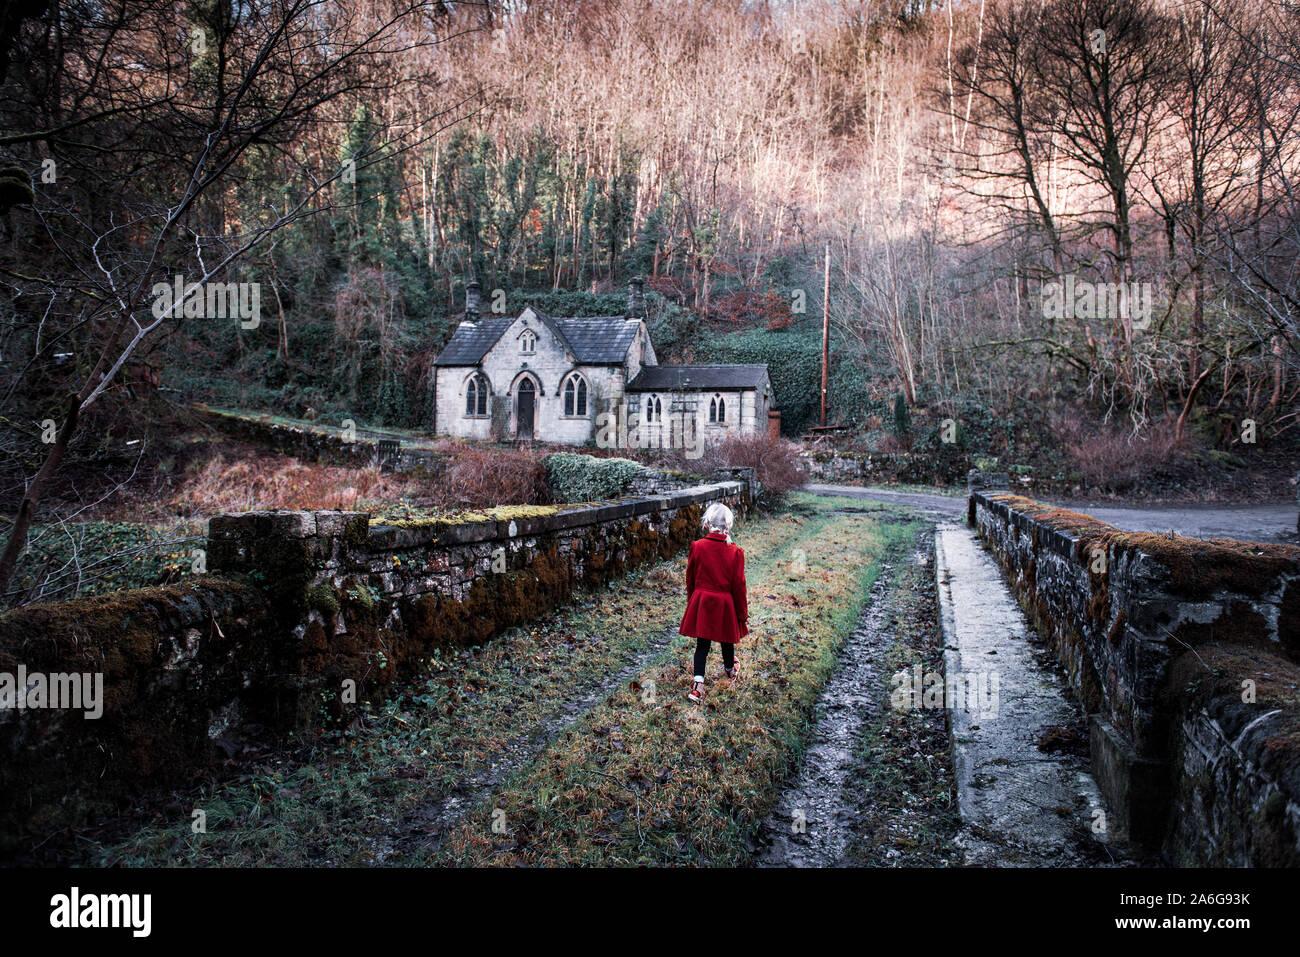 Une petite fille qui marche vers une vieille maison abandonnée, spooky effrayant, de l'église dans les bois, situé dans le Derbyshire Peak District National Park, hallow Banque D'Images